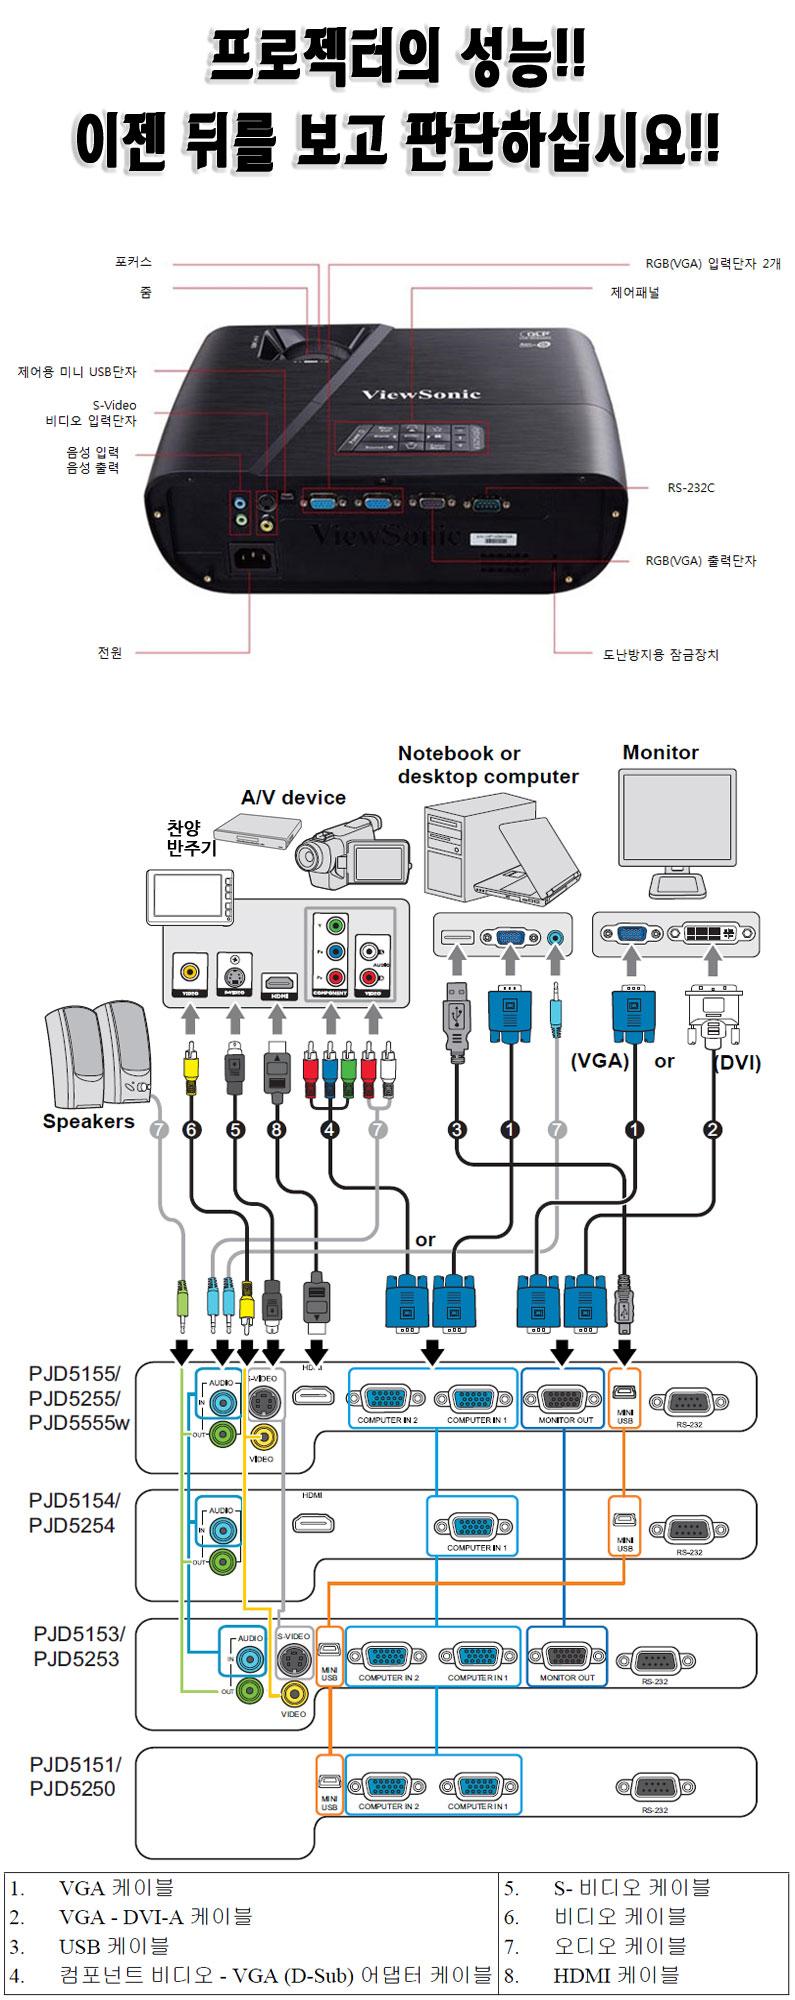 뷰소닉 pjd5153 연결단자